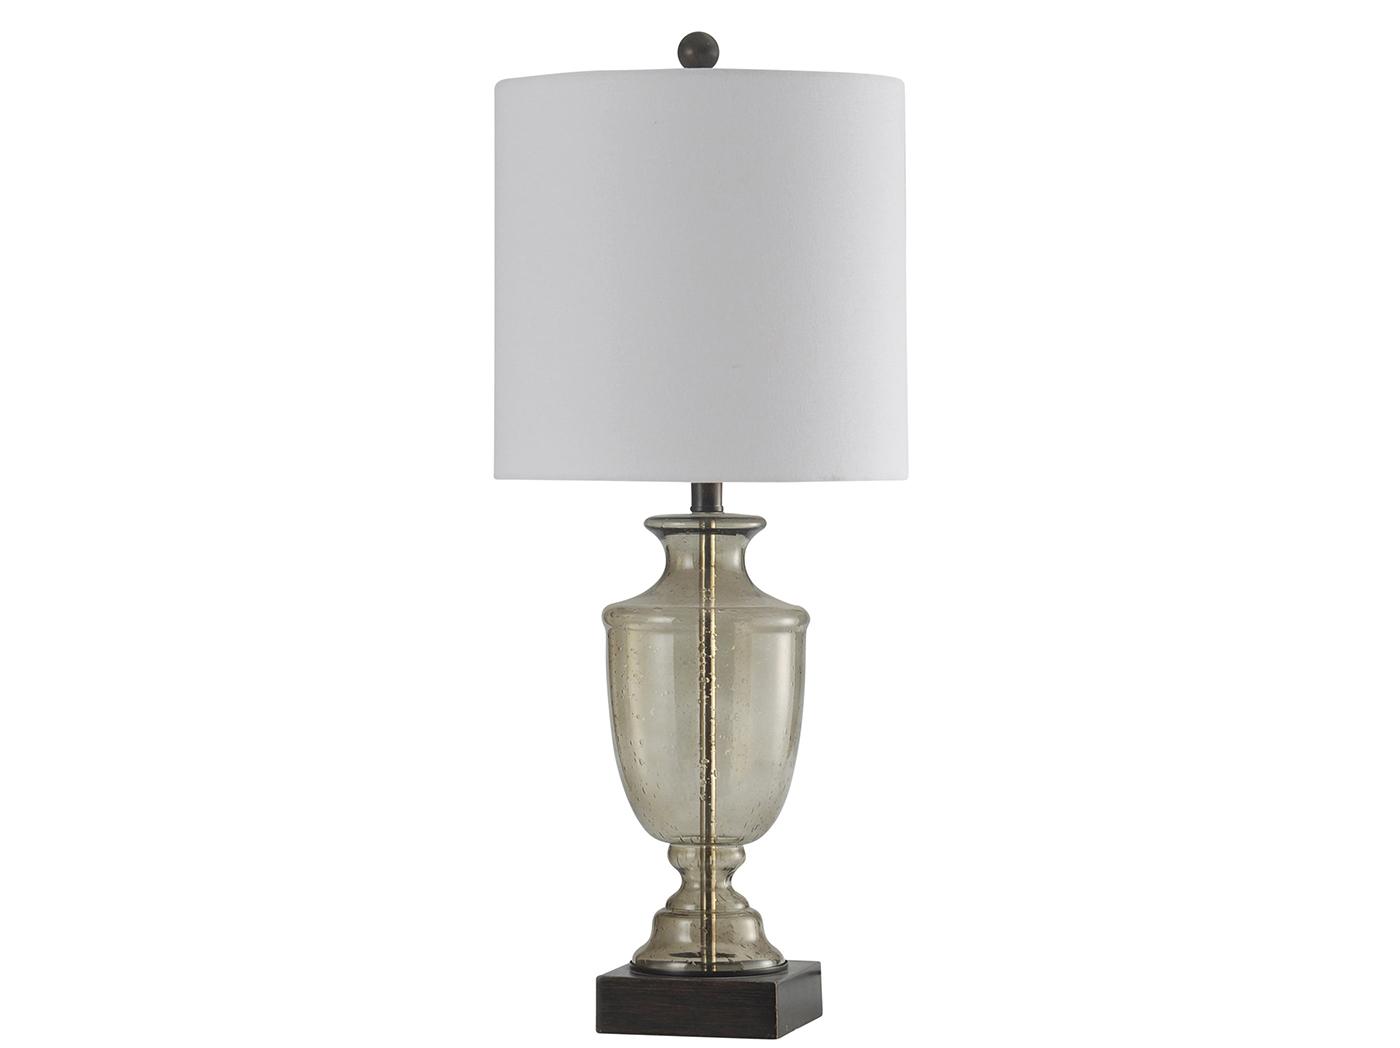 Living Room - Lamps | Steinhafels